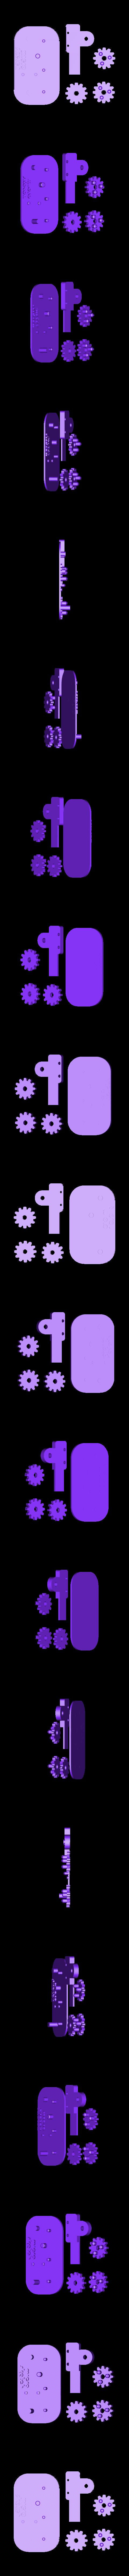 print1_base_parts.stl Download free STL file micro-sketch • 3D print design, ferjerez3d